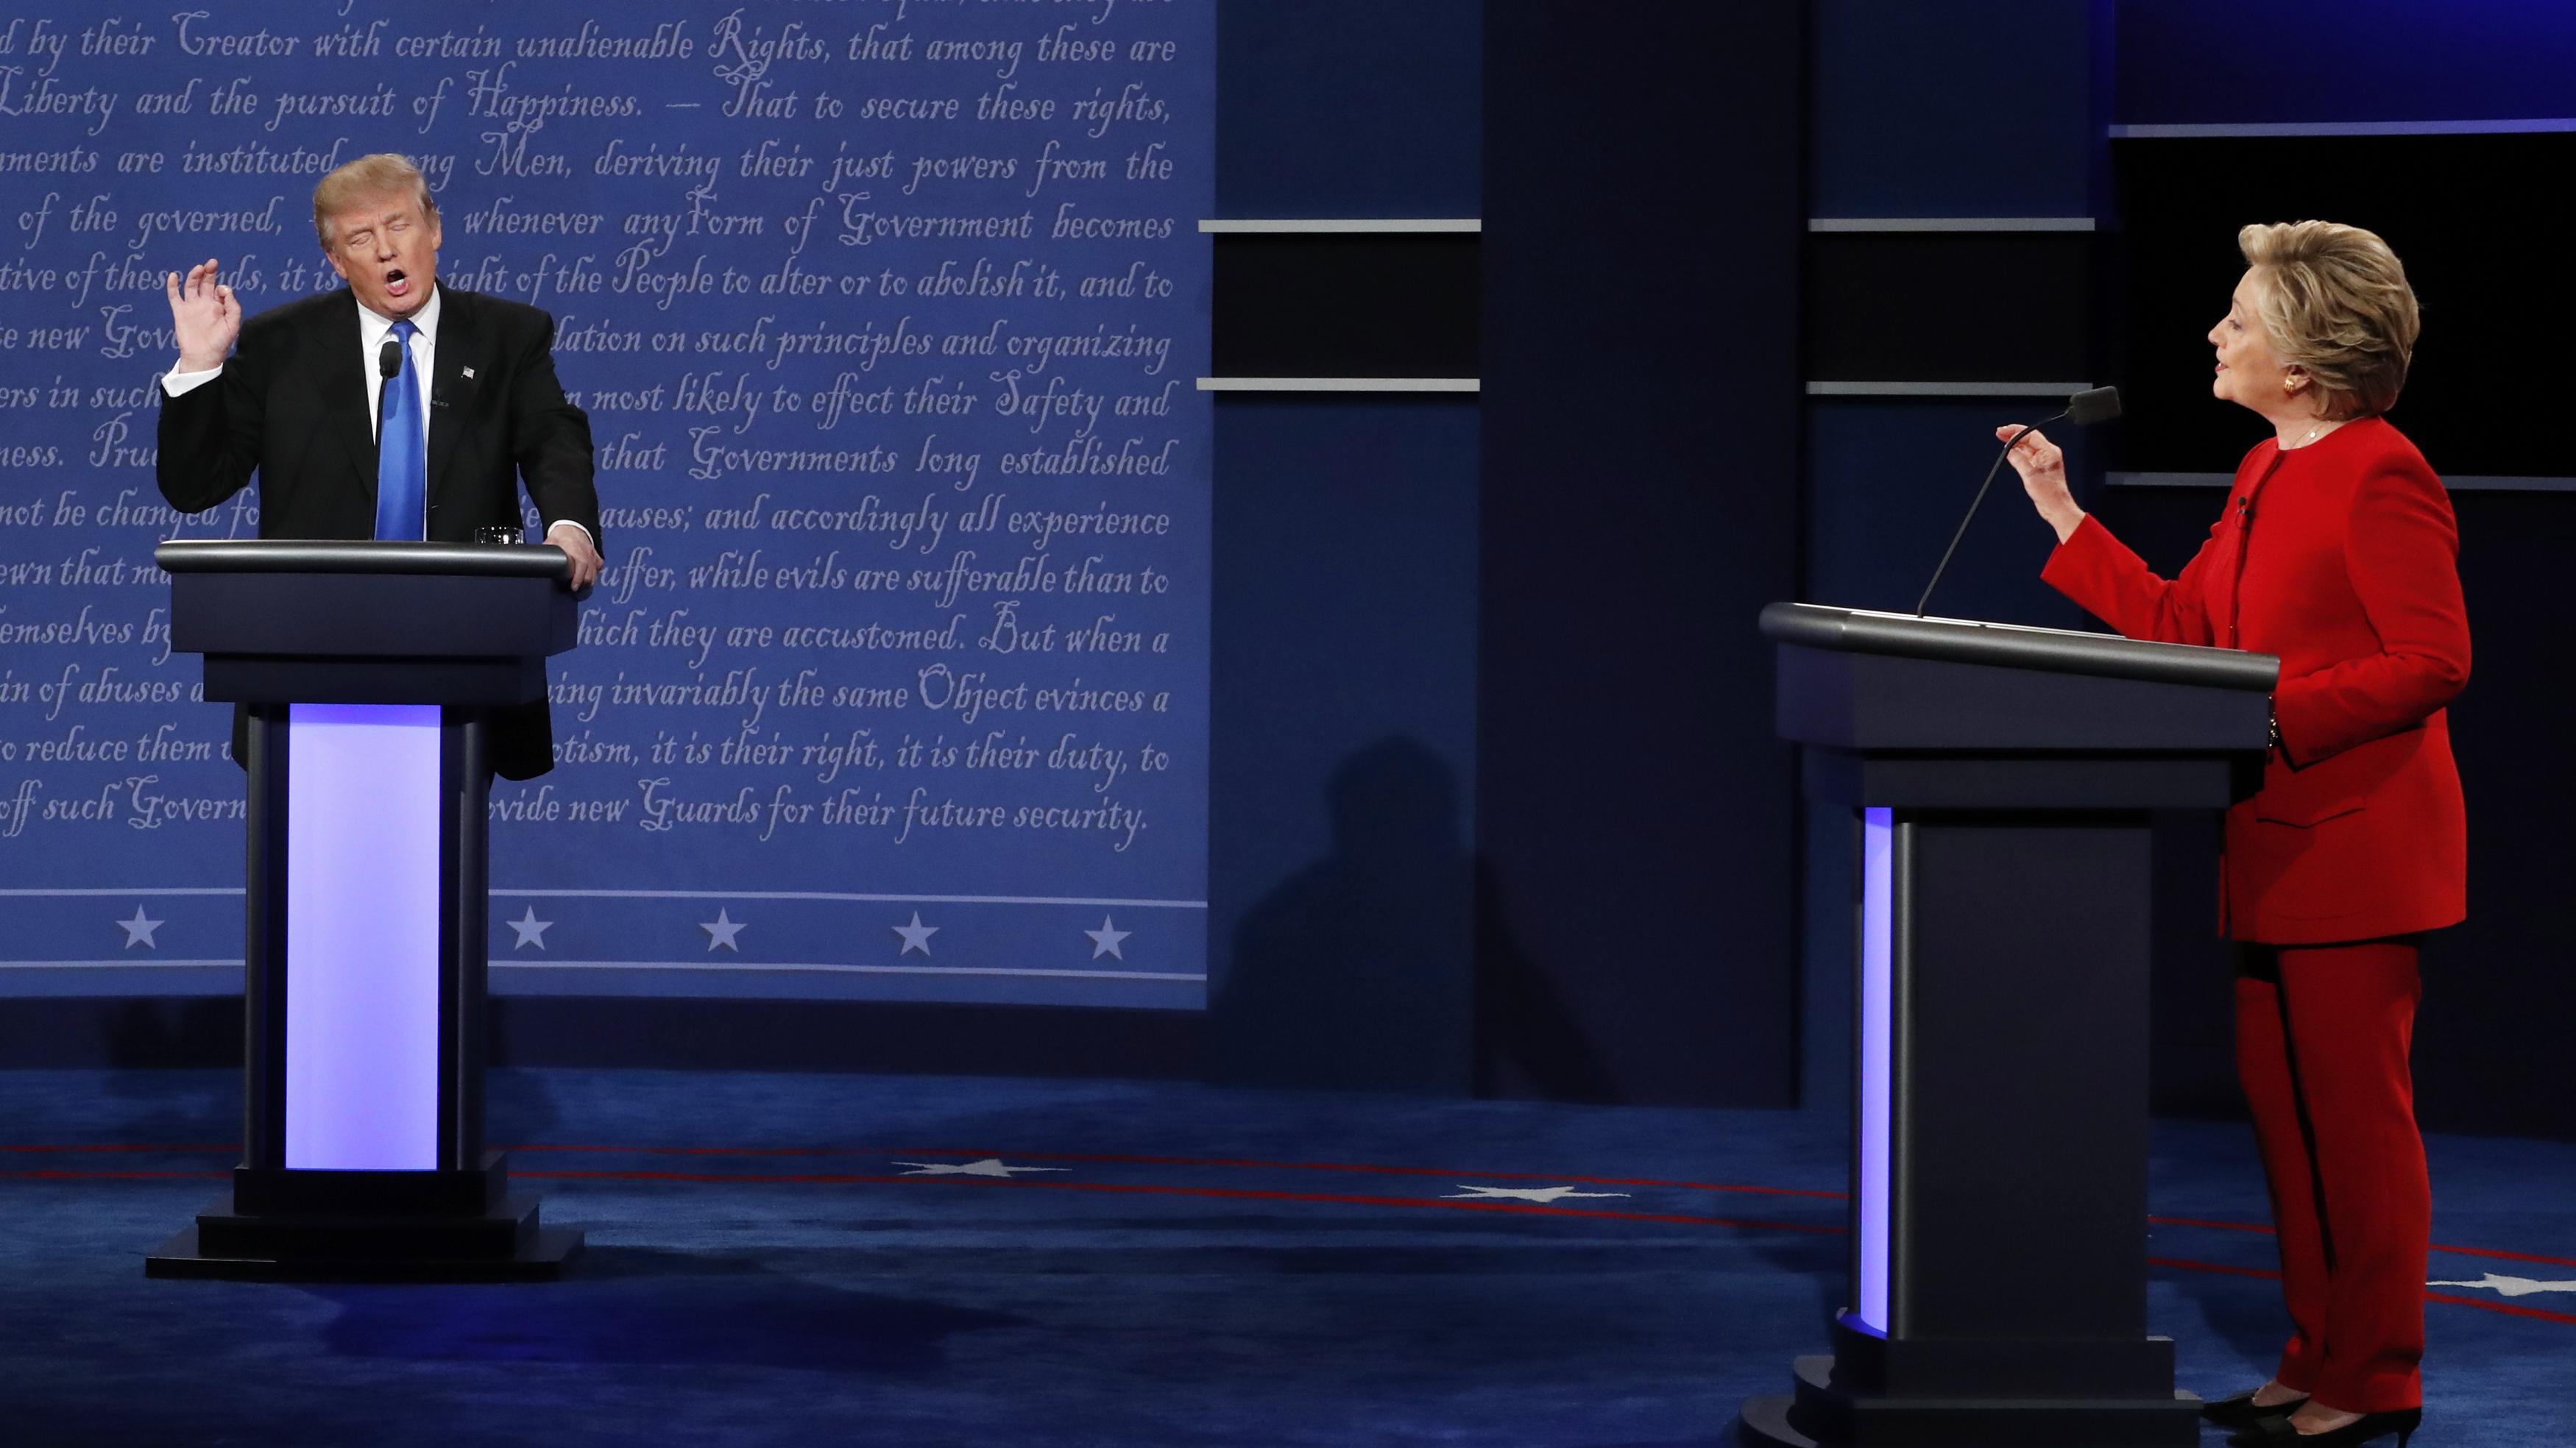 Trump verstrickt sich in Widersprüche - Clinton clever